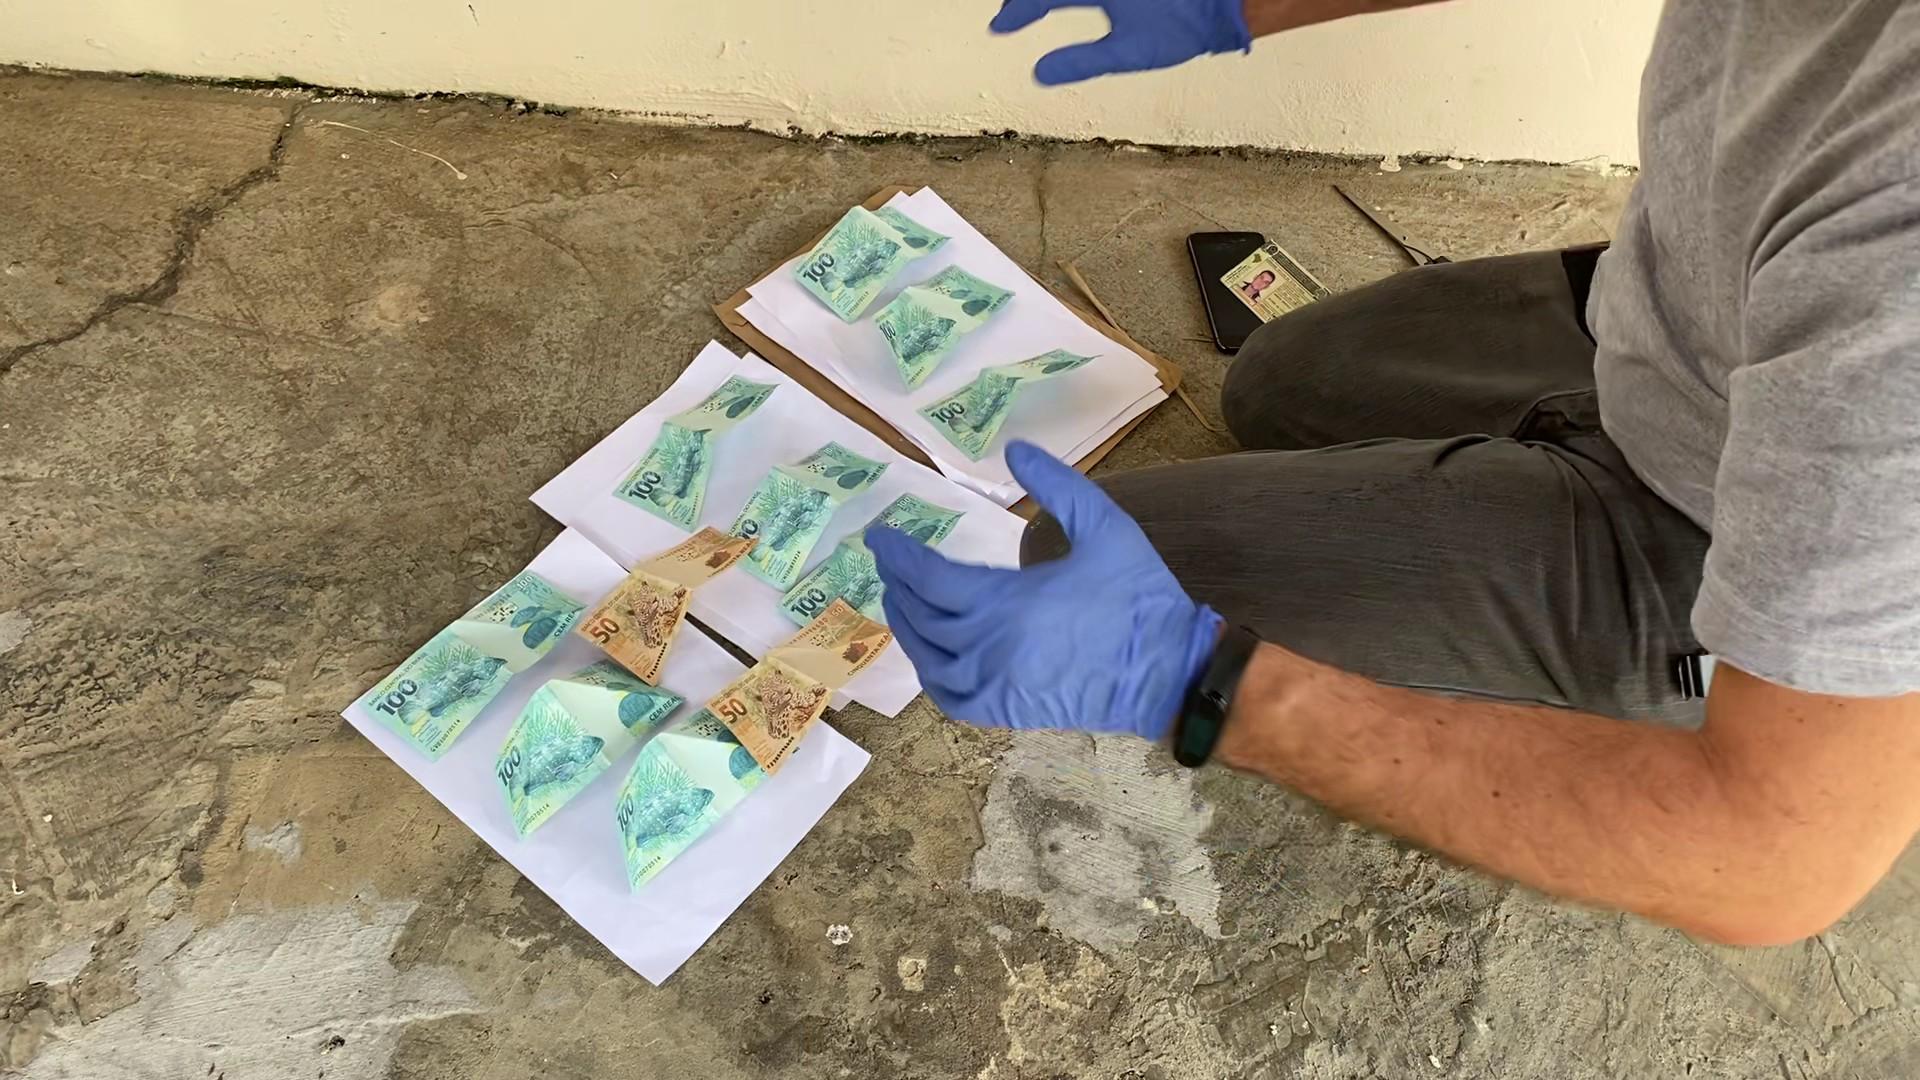 Homem é preso após receber R$ 1 mil em cédulas falsificadas pelos Correios em Sorocaba